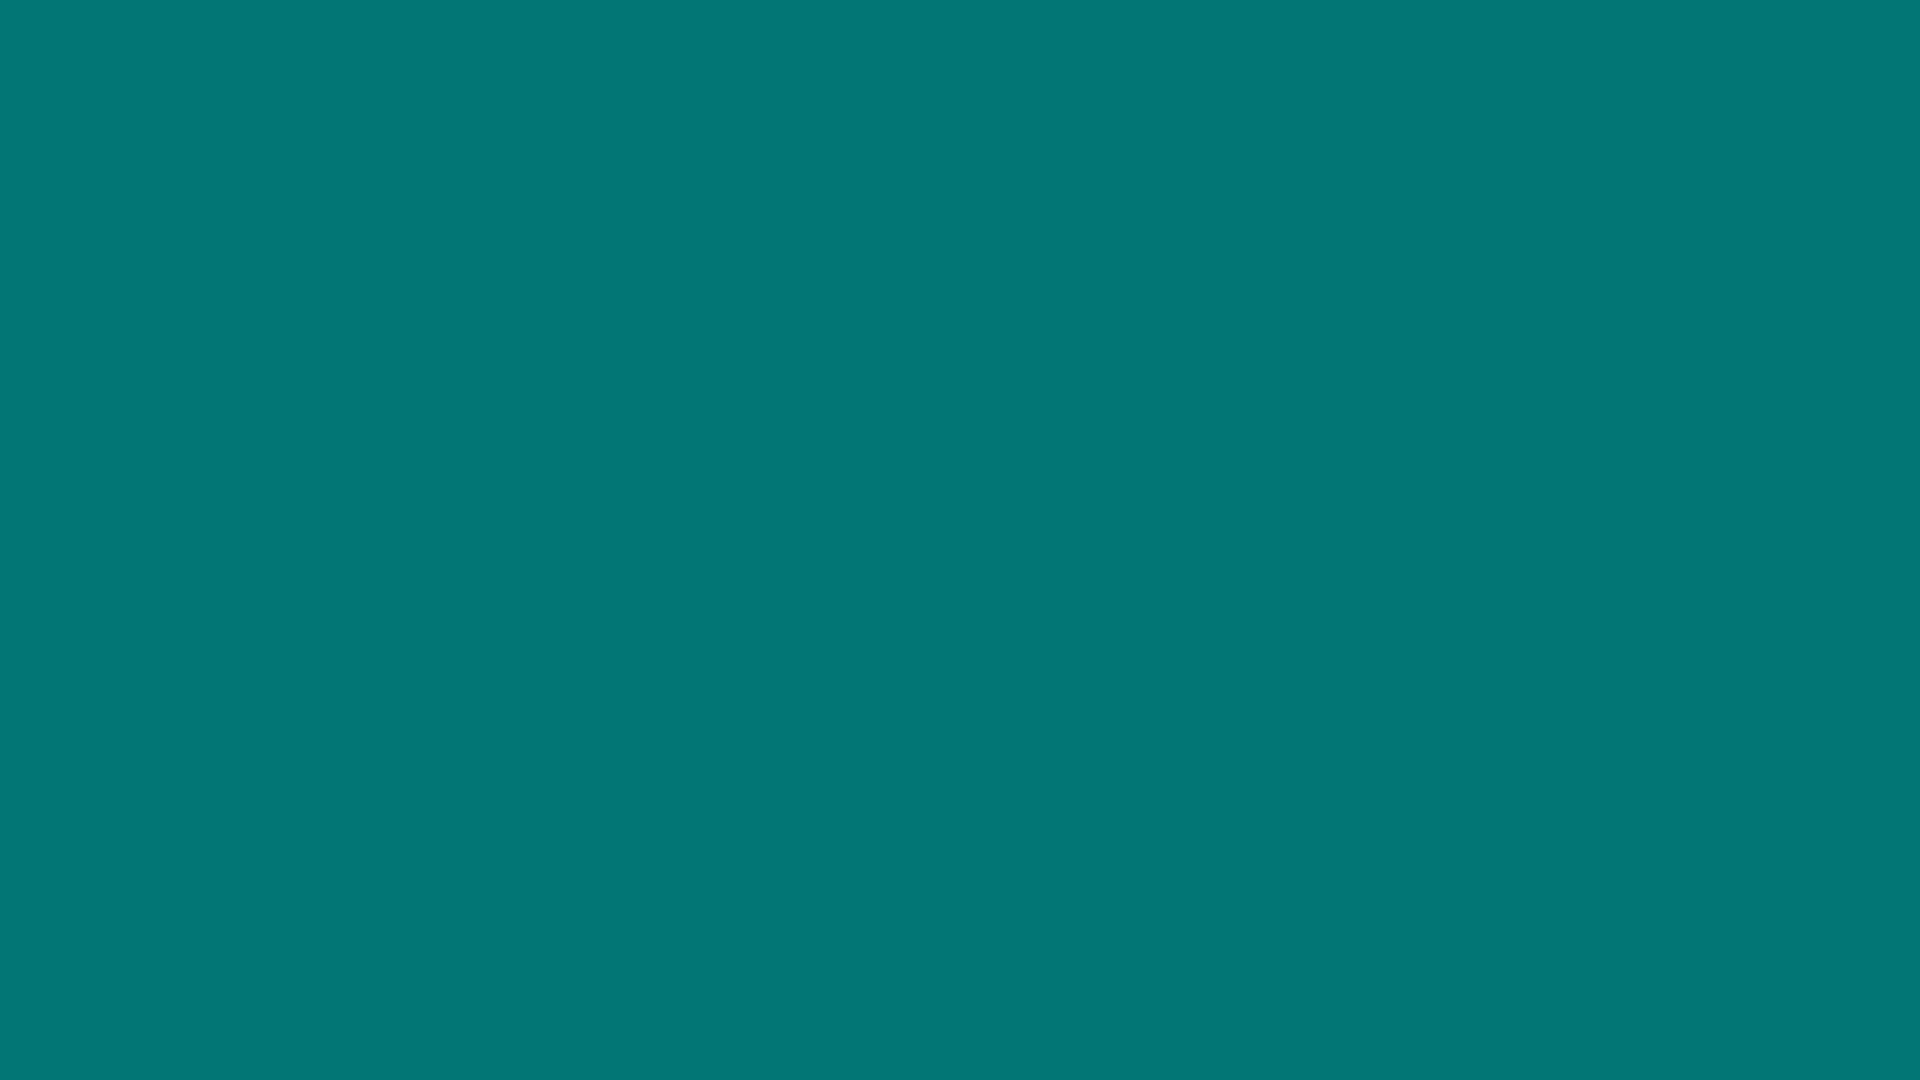 """[중앙일보] ⑩ 이제는 아시아 시대"""" – 서울대 아시아연구소 기획⑩ 문명 중심 동아시아로 … 한국, 정신·물질적 대도약 절실"""